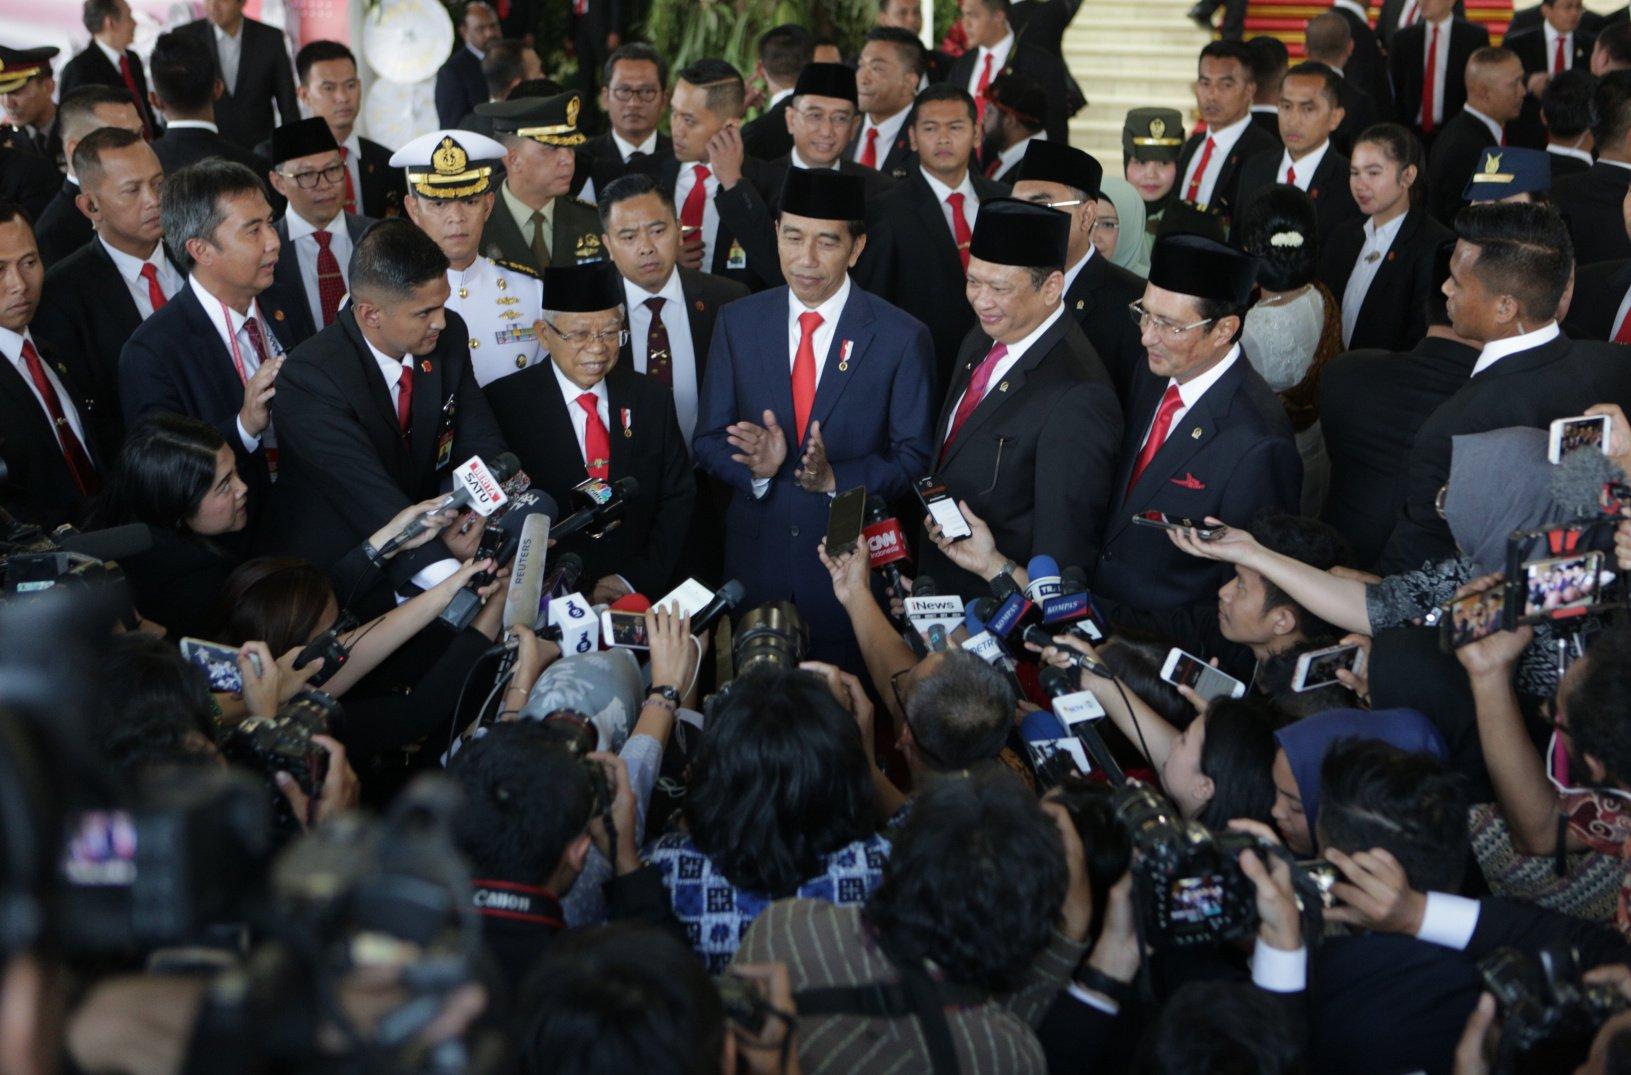 Wakil Presiden Ma'ruf Amin (kiri), Presiden Joko Widodo (dua kiri), Ketua MPR Bambang Soesatyo (dua kanan), dan Wakil MPR Fadel Muhammad (kanan) saat doorstop di lokasi upacara pelantikan presiden dan wapres di Gedung Nusantara, kompleks Parlemen, Senayan, Jakarta, Minggu (20/10/2019).